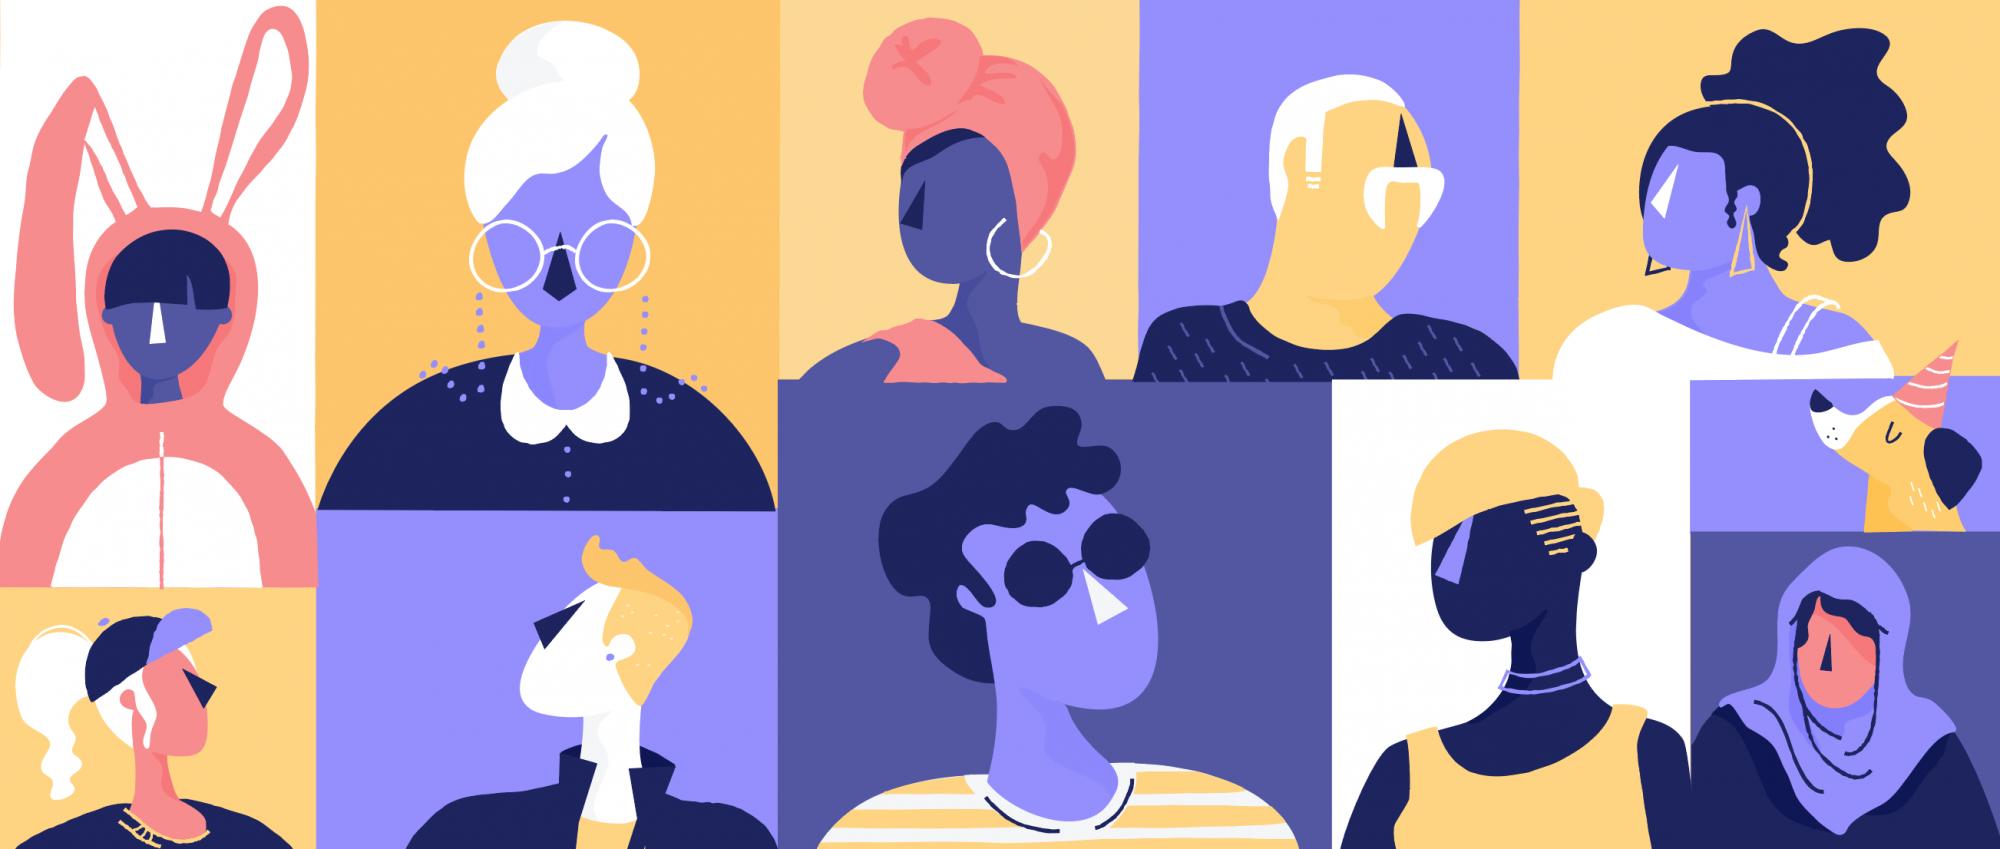 Purple people illustration by Meg Robichaud